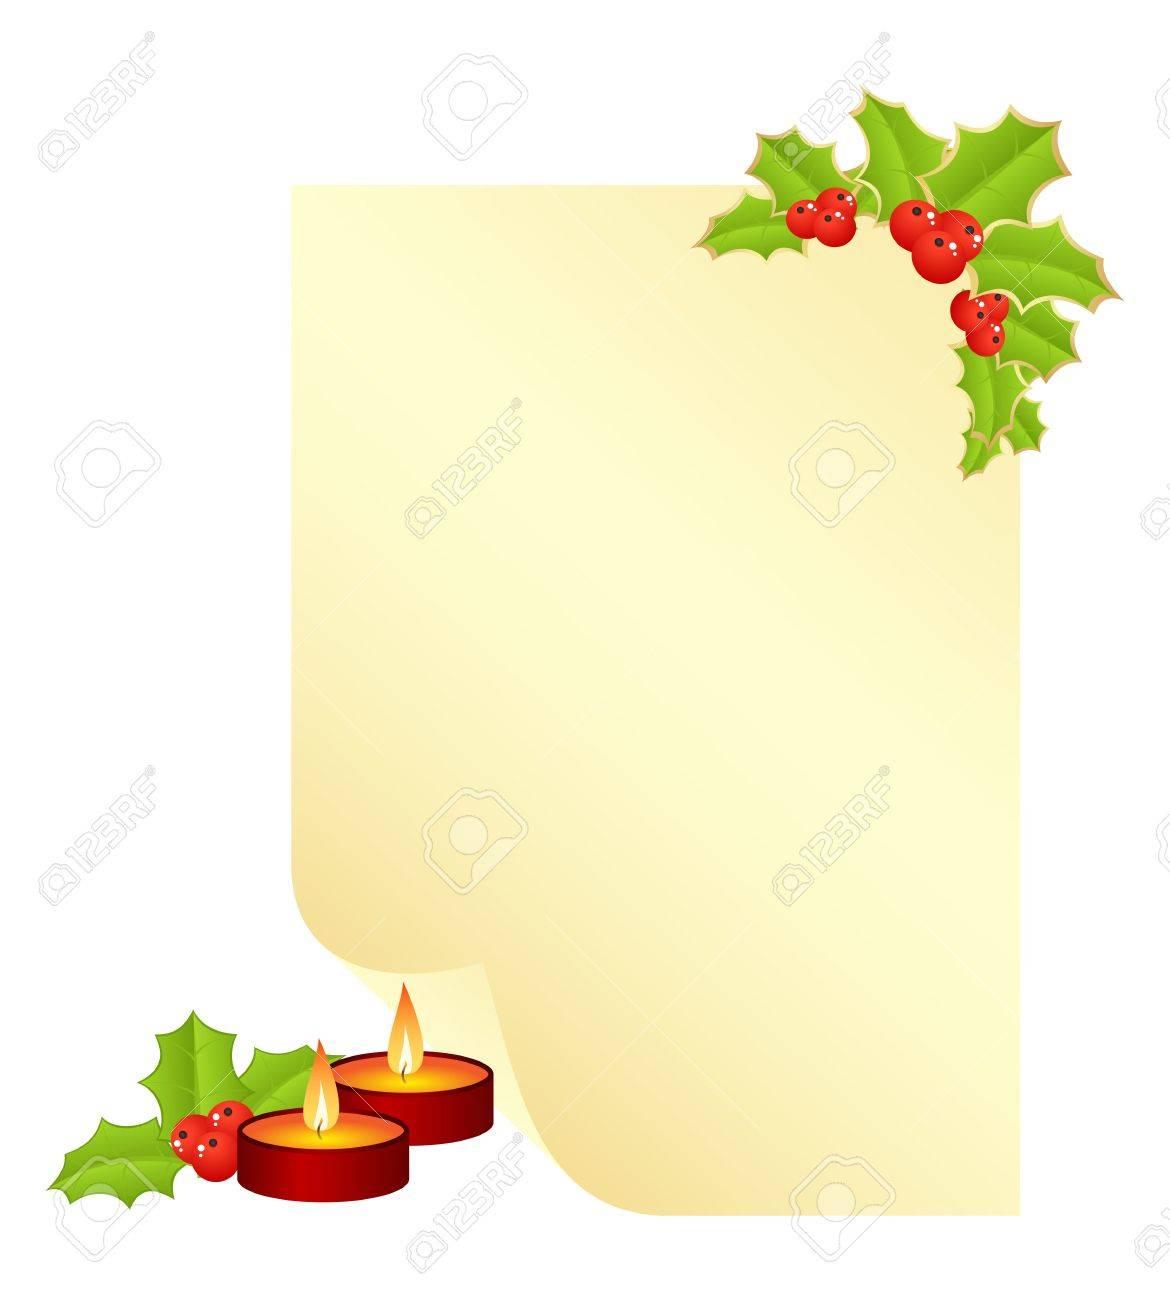 Weihnachten Formular Für Den Brief Mit Neuen Jahr Dekorationen